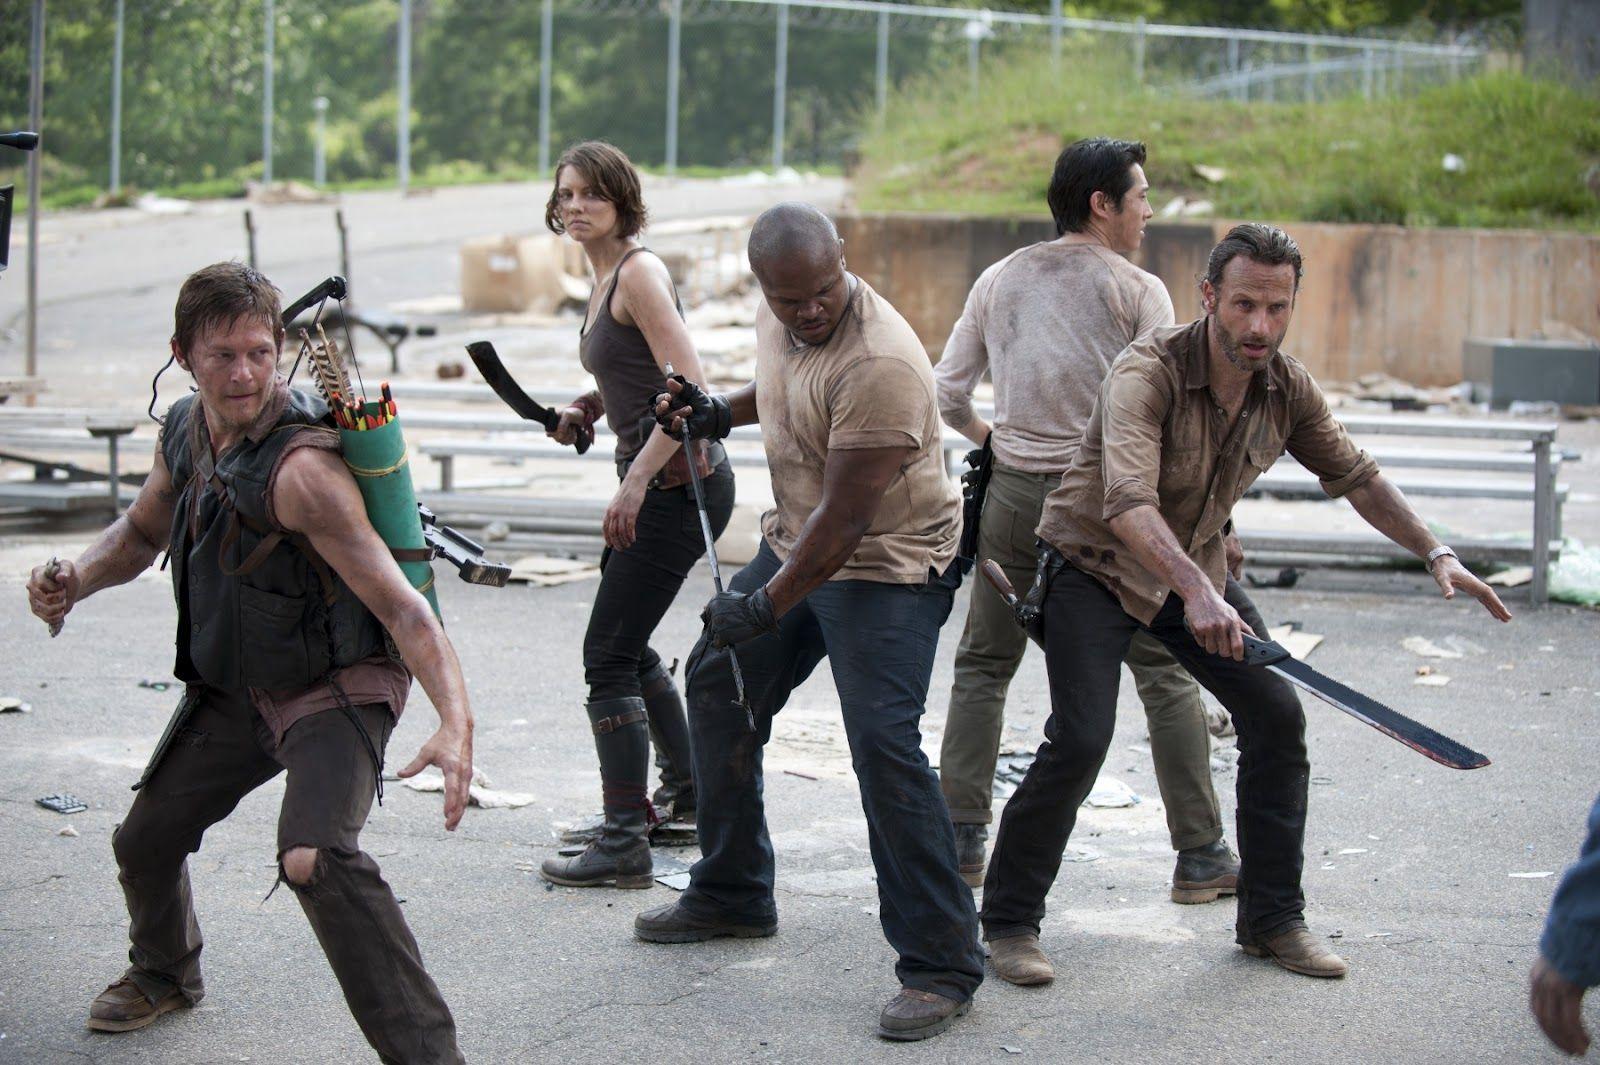 ¿Qué personaje se suicida en el comic dejandose comer por zombies pero sigue viv@ en la serie?